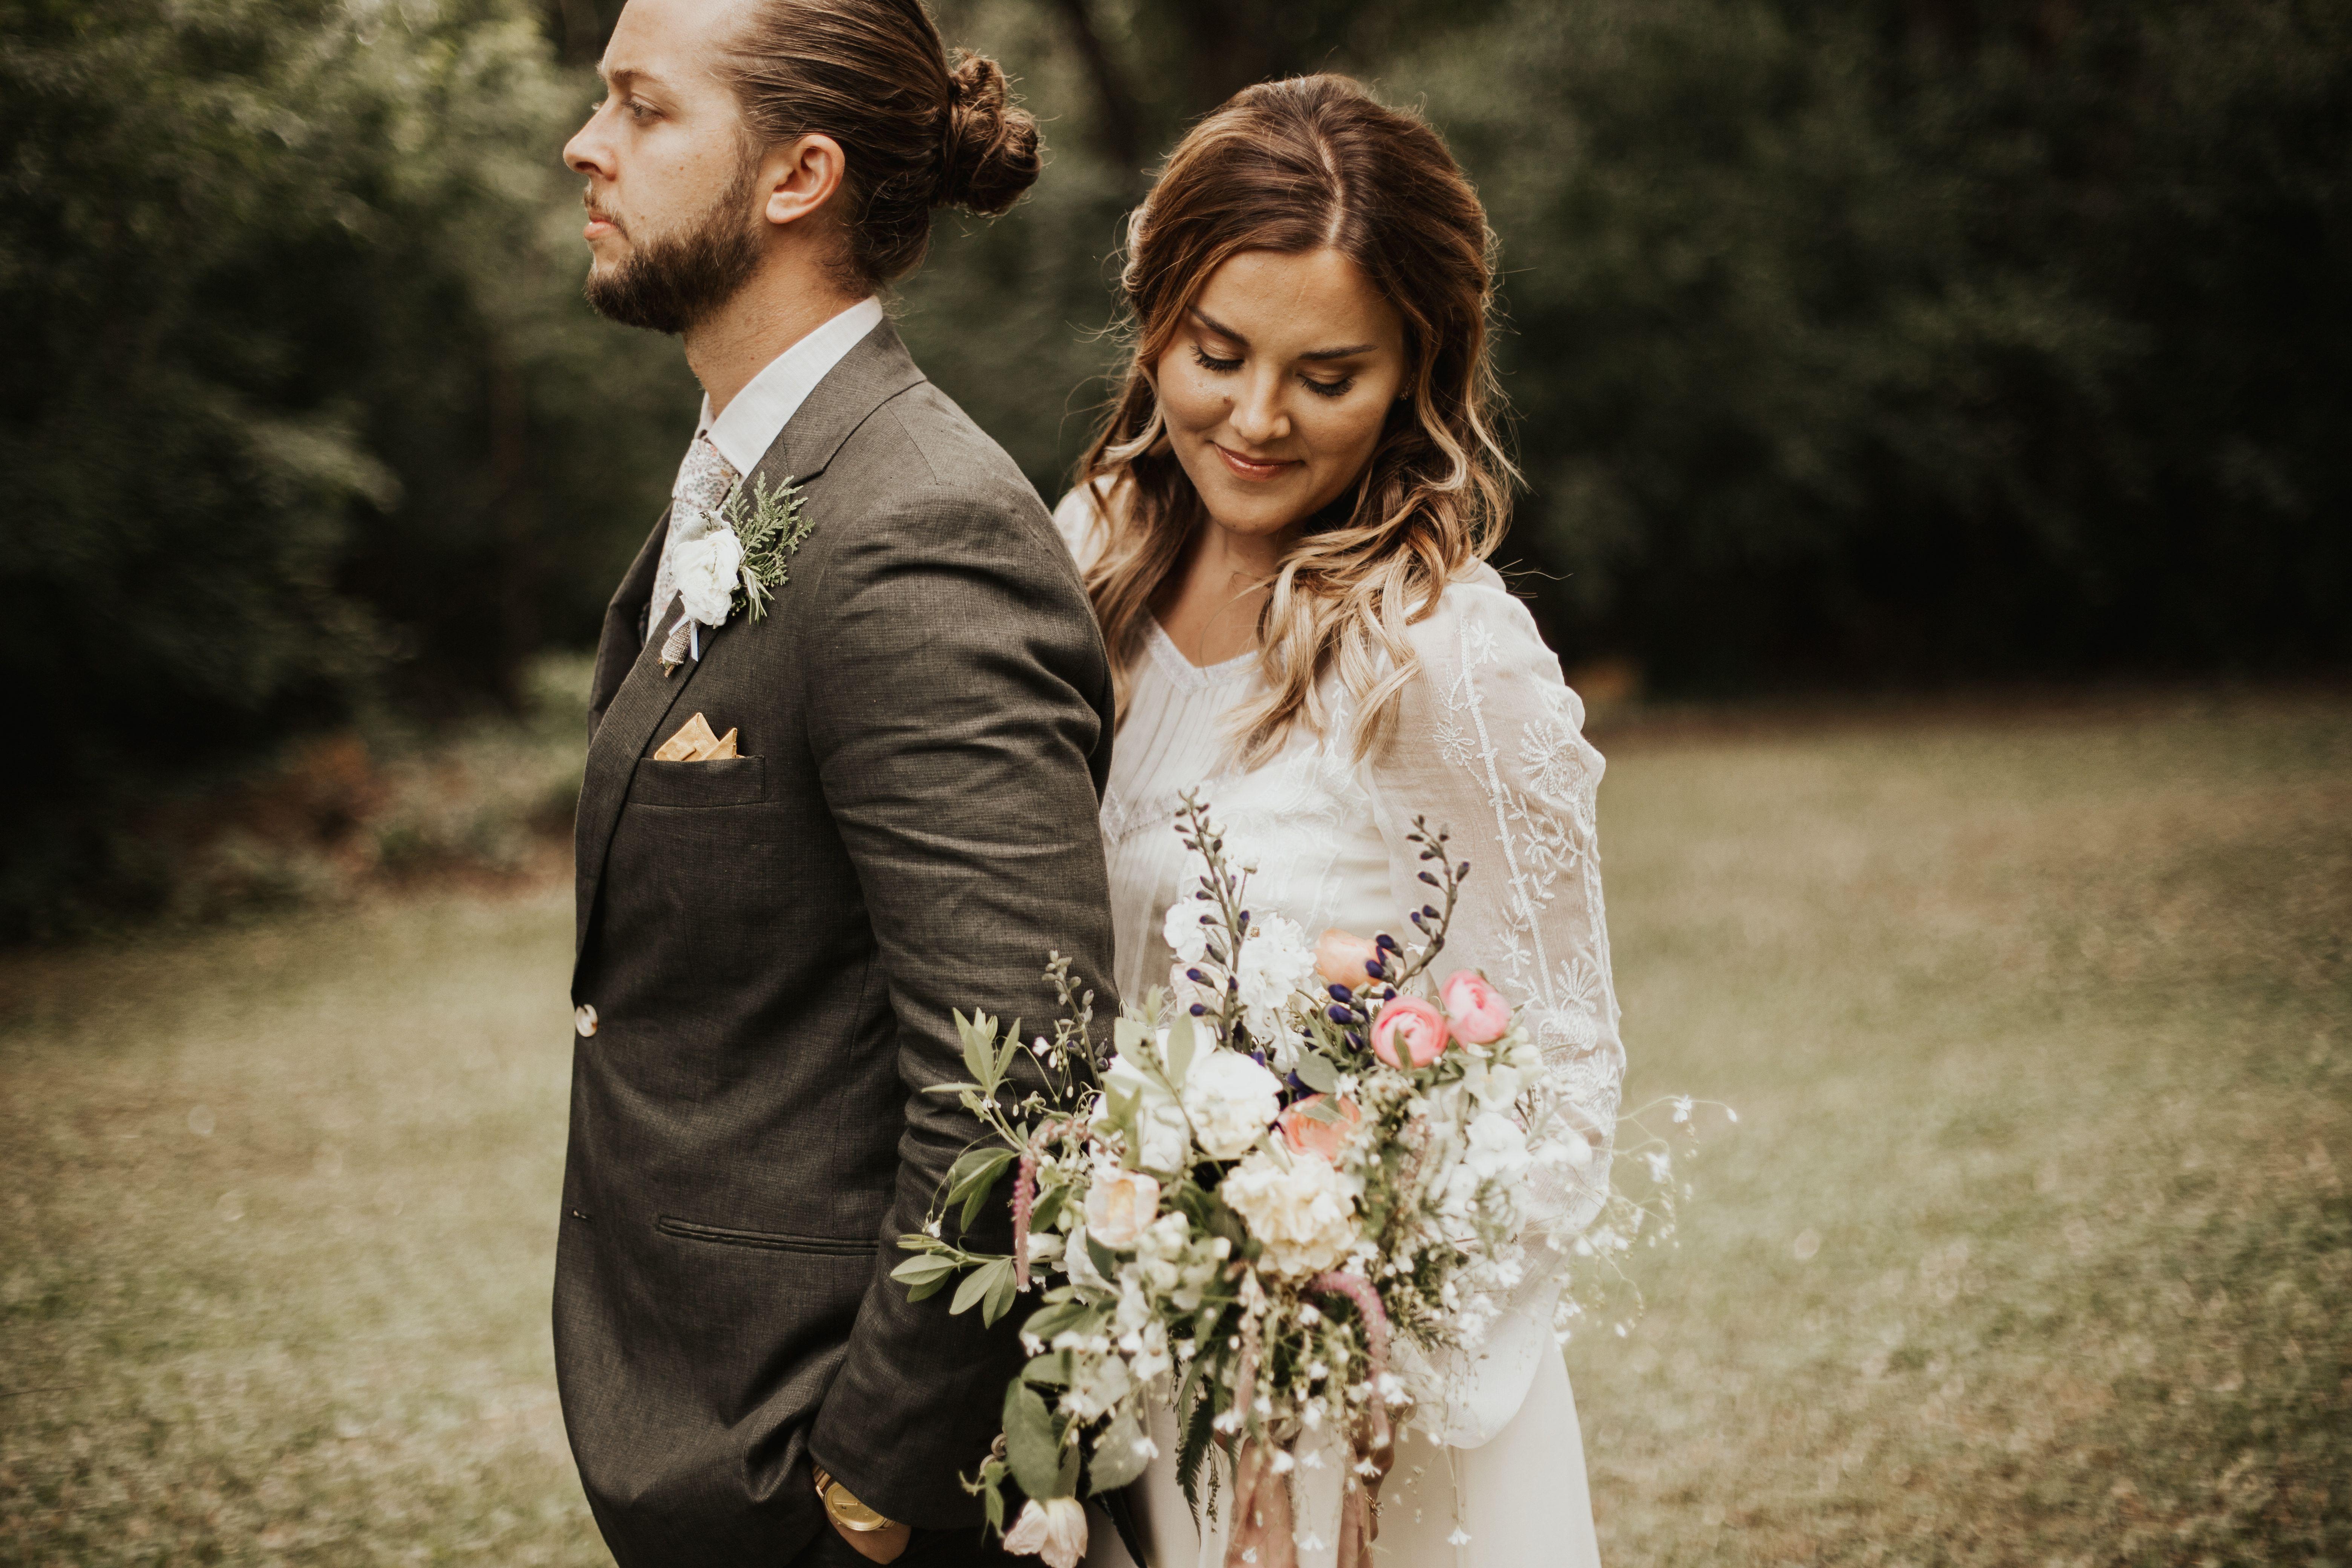 Saja wedding vt long sleeve wedding dress ethereal wedding